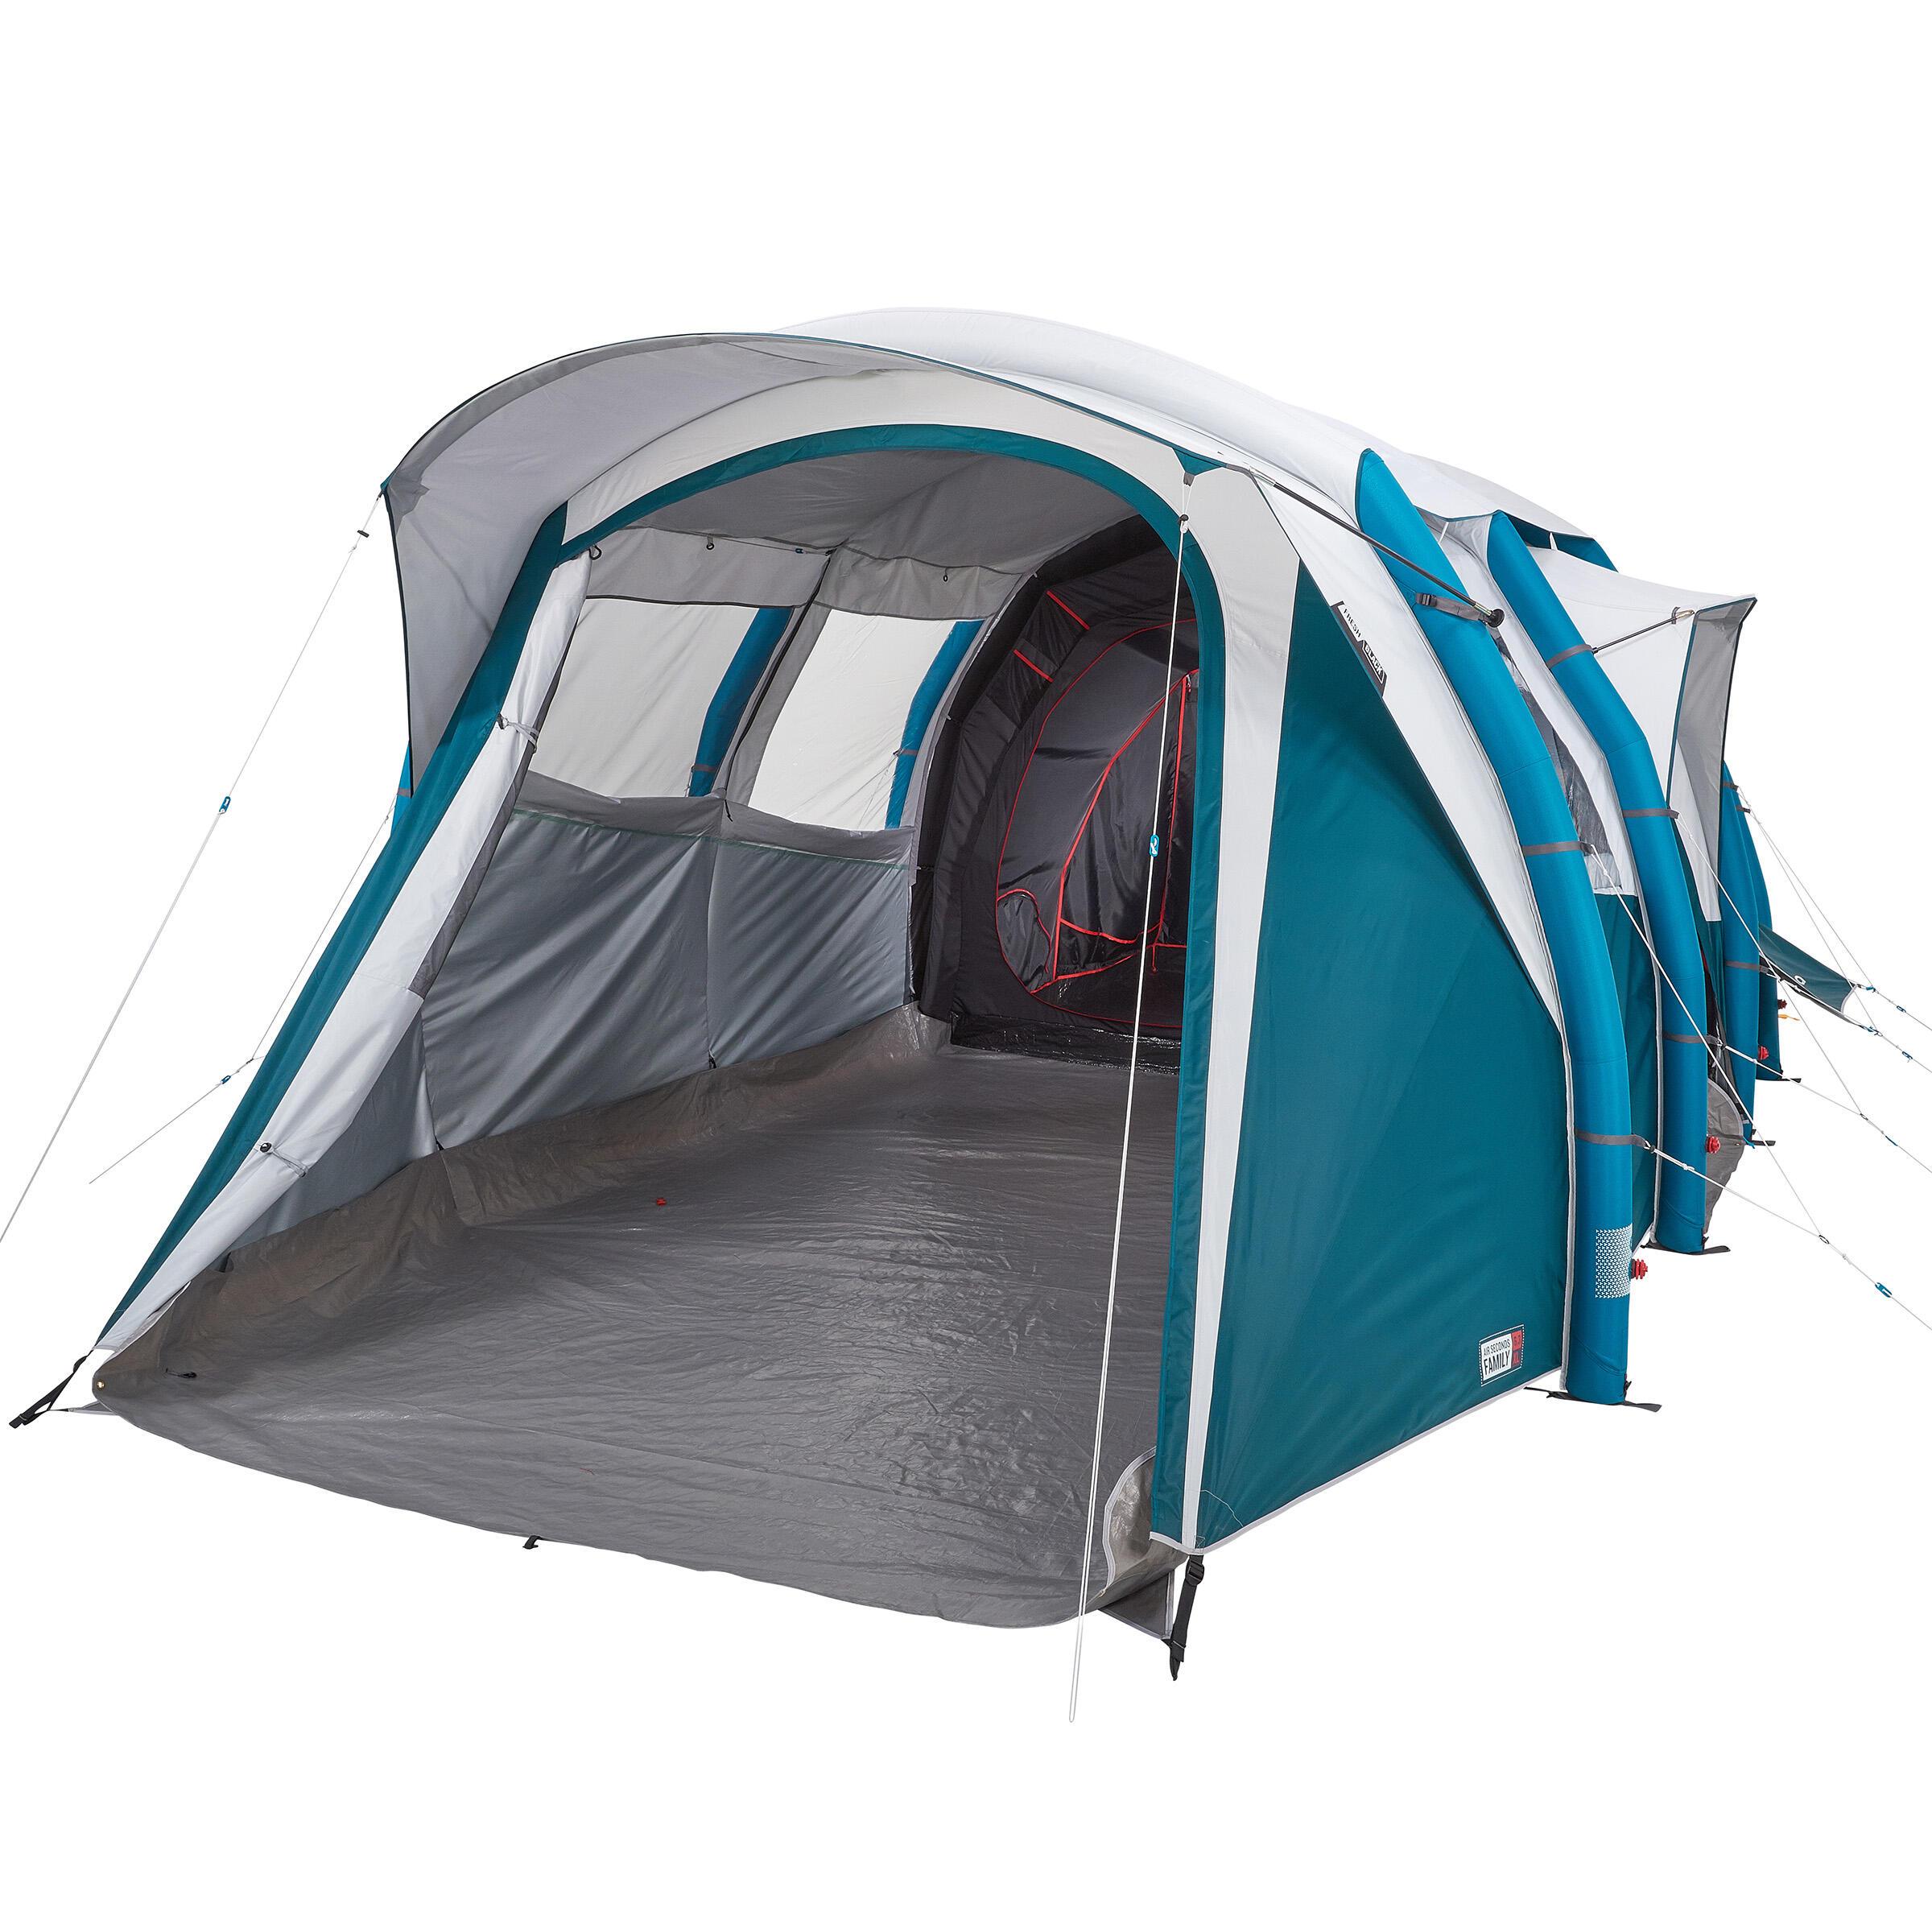 Sport>Persoonstenten>6-persoons tenten Quechua Kampeertent opblaasbaar AIR SECONDS 6.3 FRESH&BLACK   6 personen 3 slaapcabines kopen? Lees eerst dit